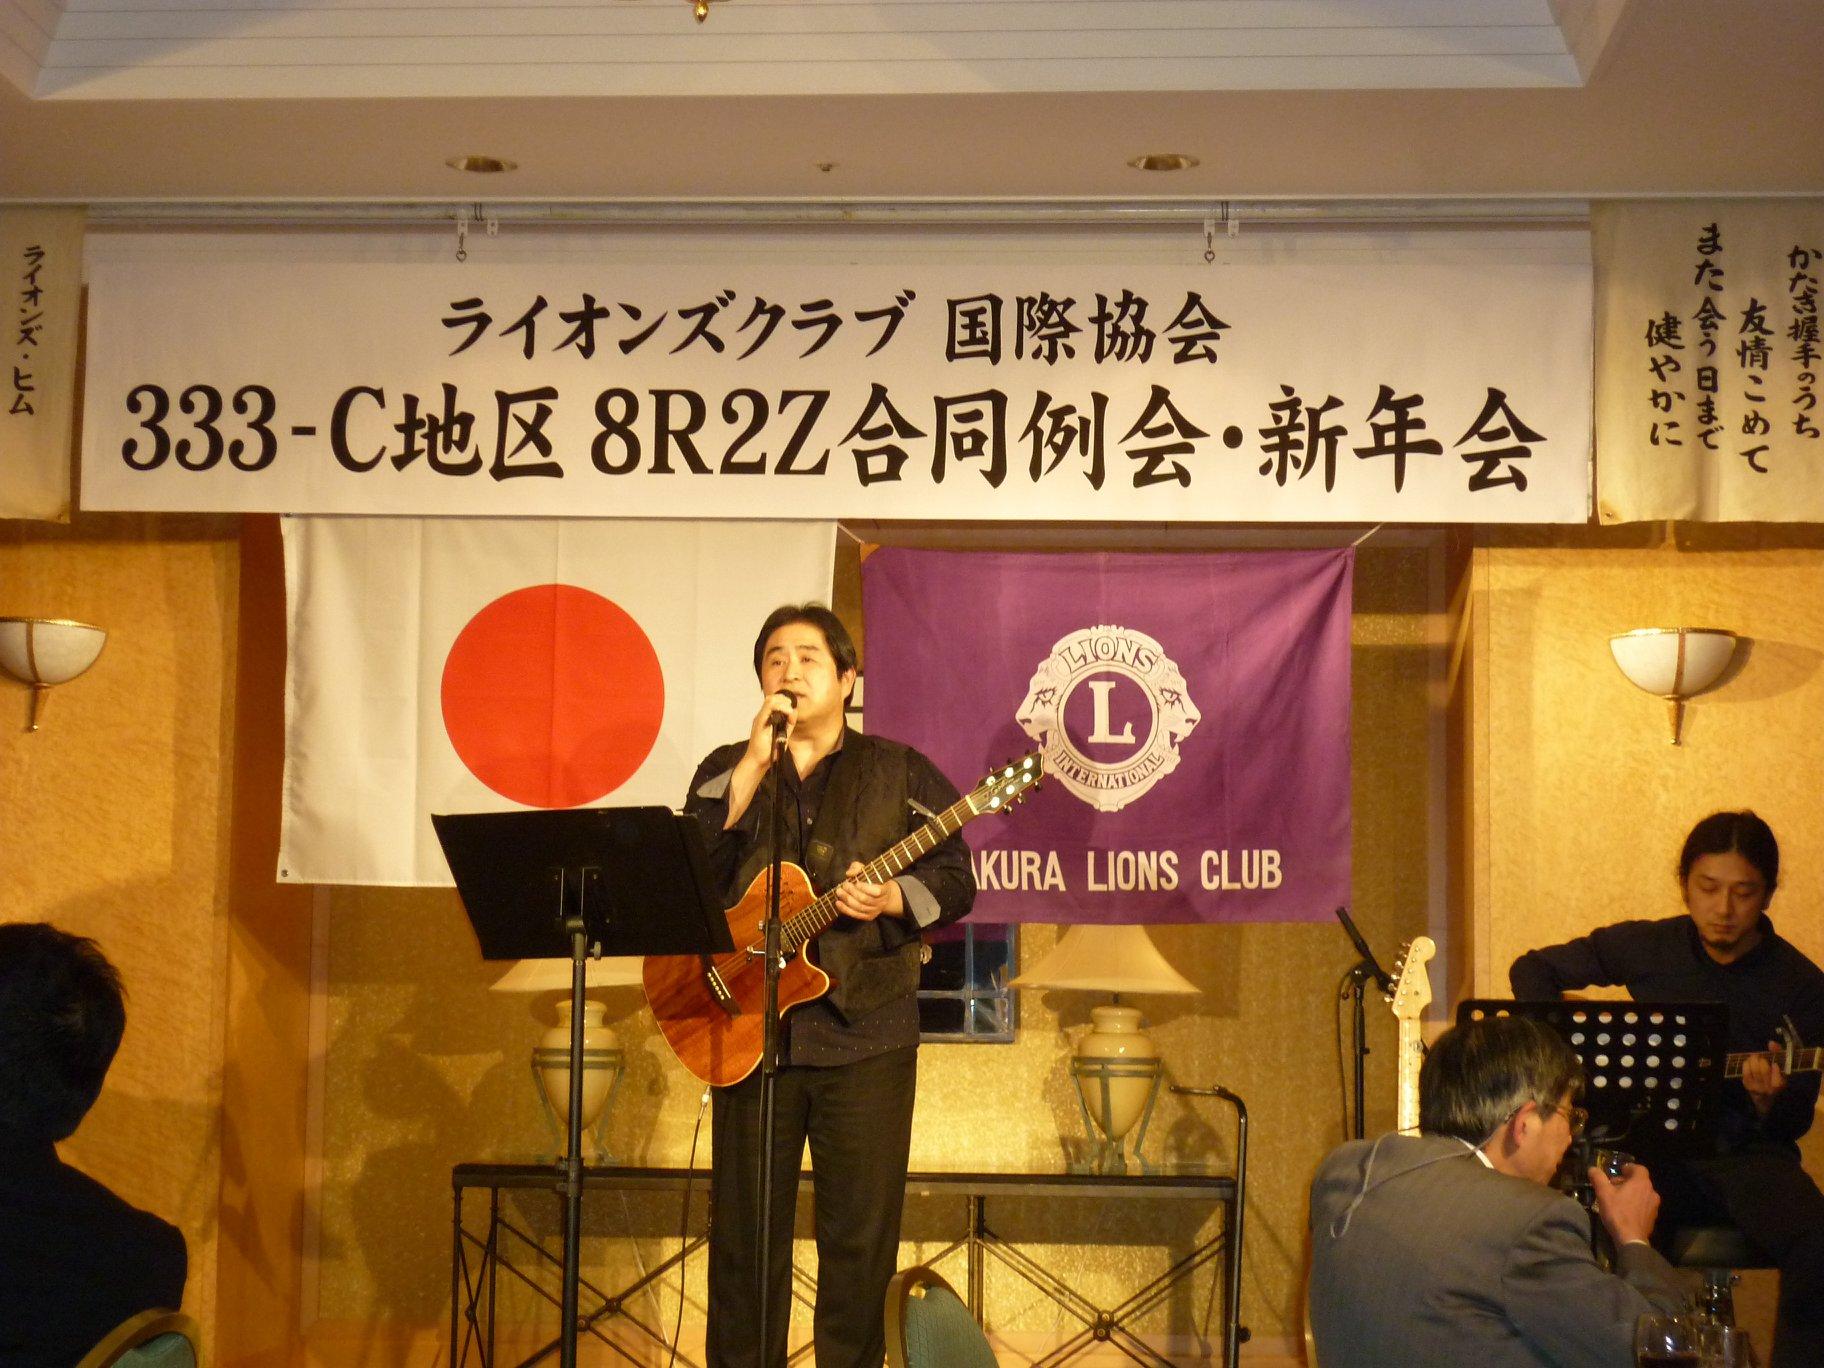 小田和正さんの物真似、素晴らしい歌声で、昨年フジテレビの物真似コンテストでVIPを頂いたそうです。